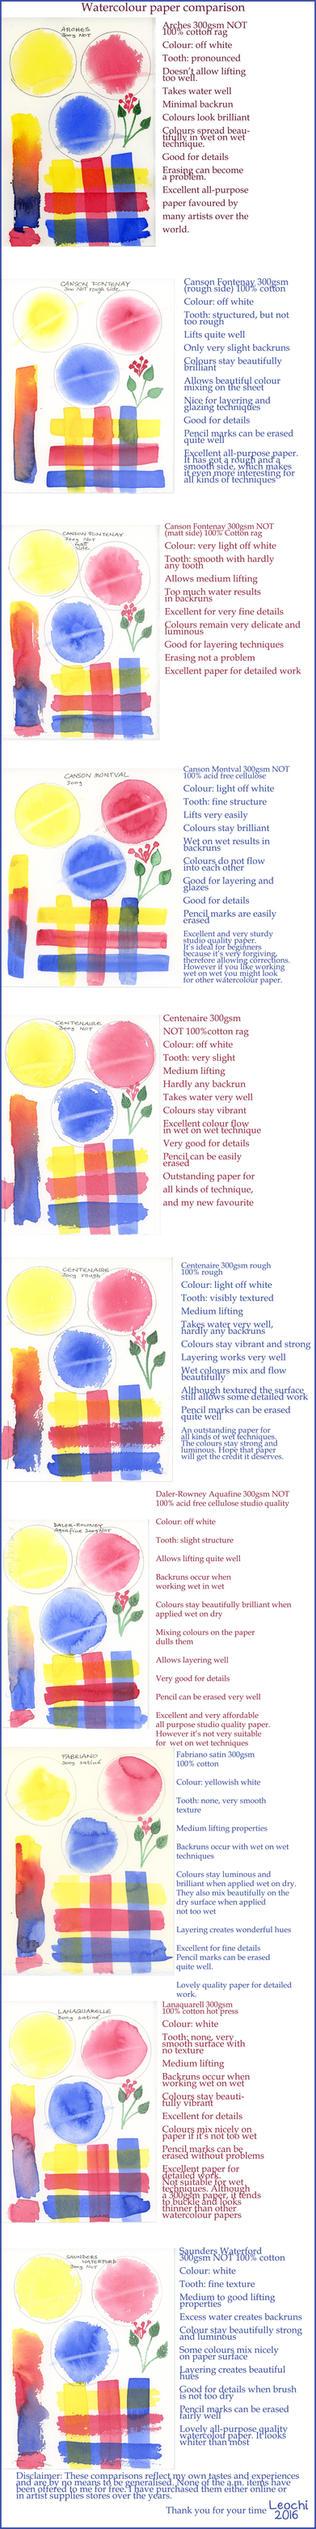 Watercolour Paper Comparison by Leochi